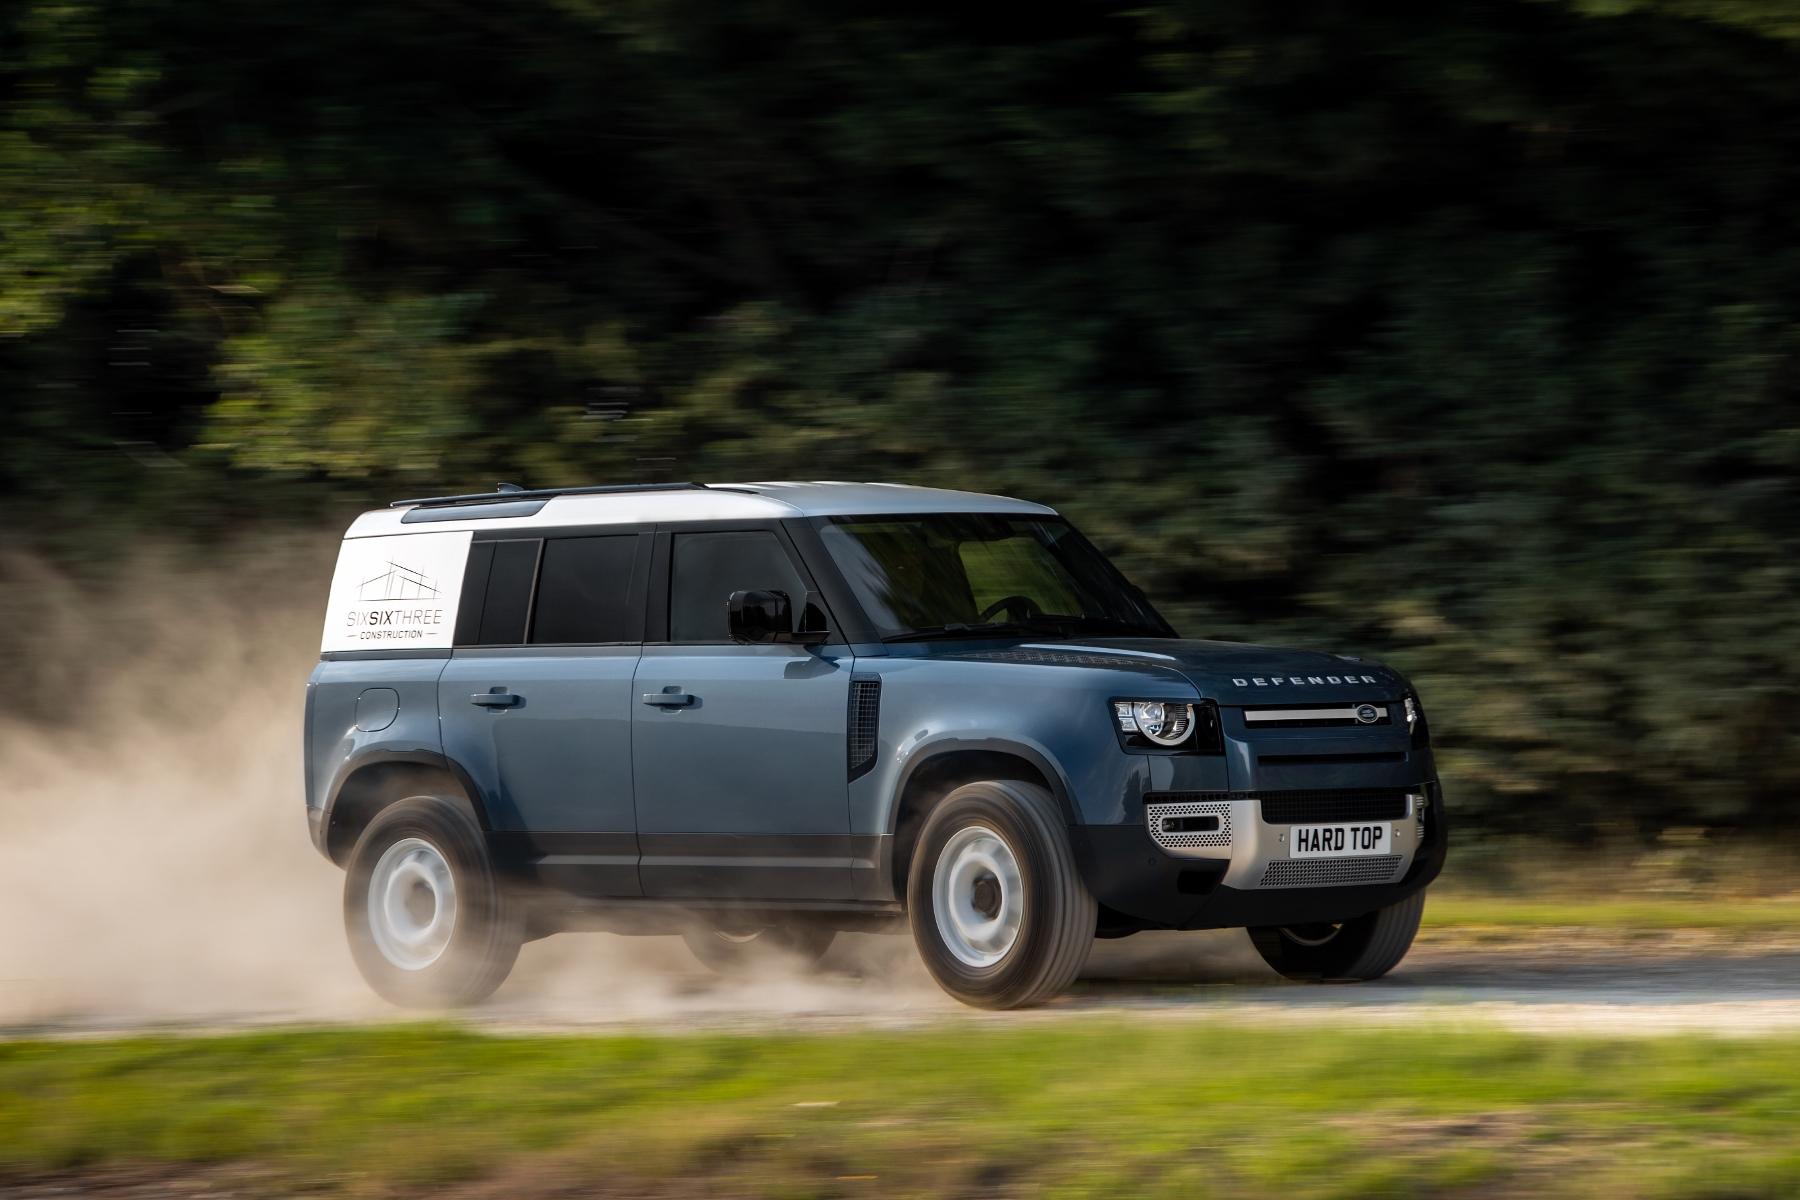 Nový Land Rover Defender prichádza v úžitkovej verzii Hard Top 4O0cmYGCk5 10lrdefhardtop30062007-180